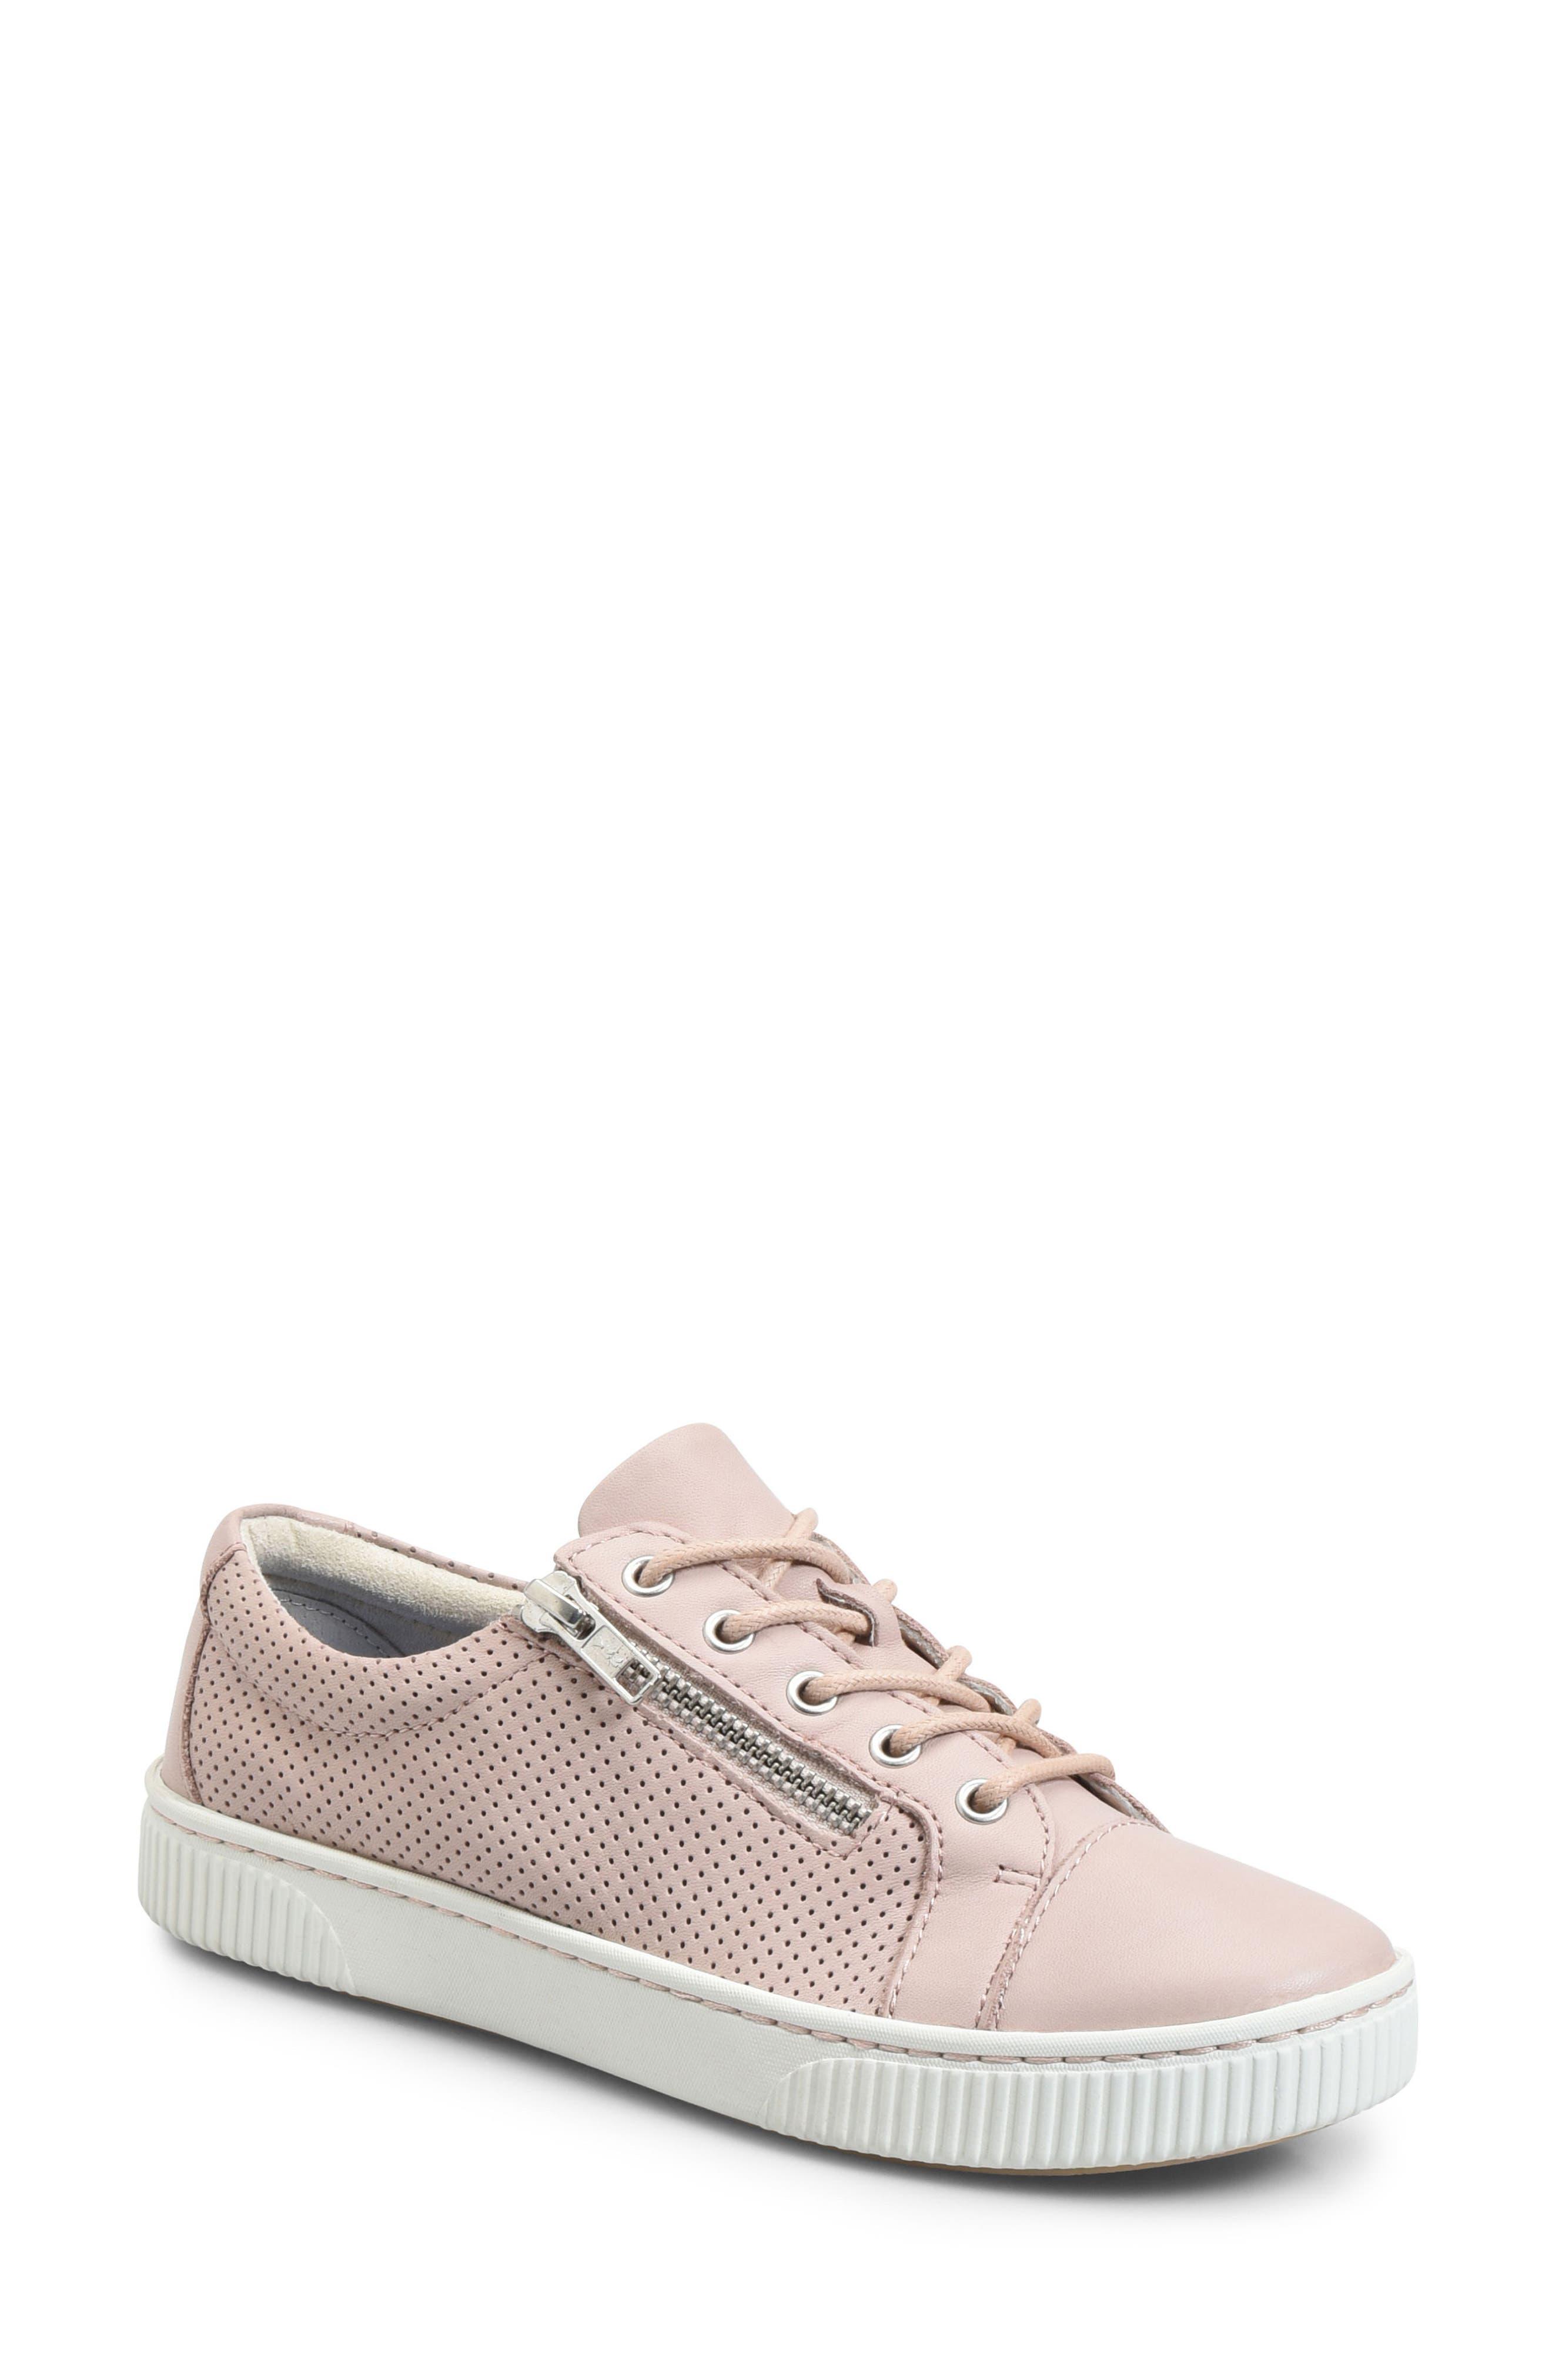 B?rn Tamara Perforated Sneaker- Pink